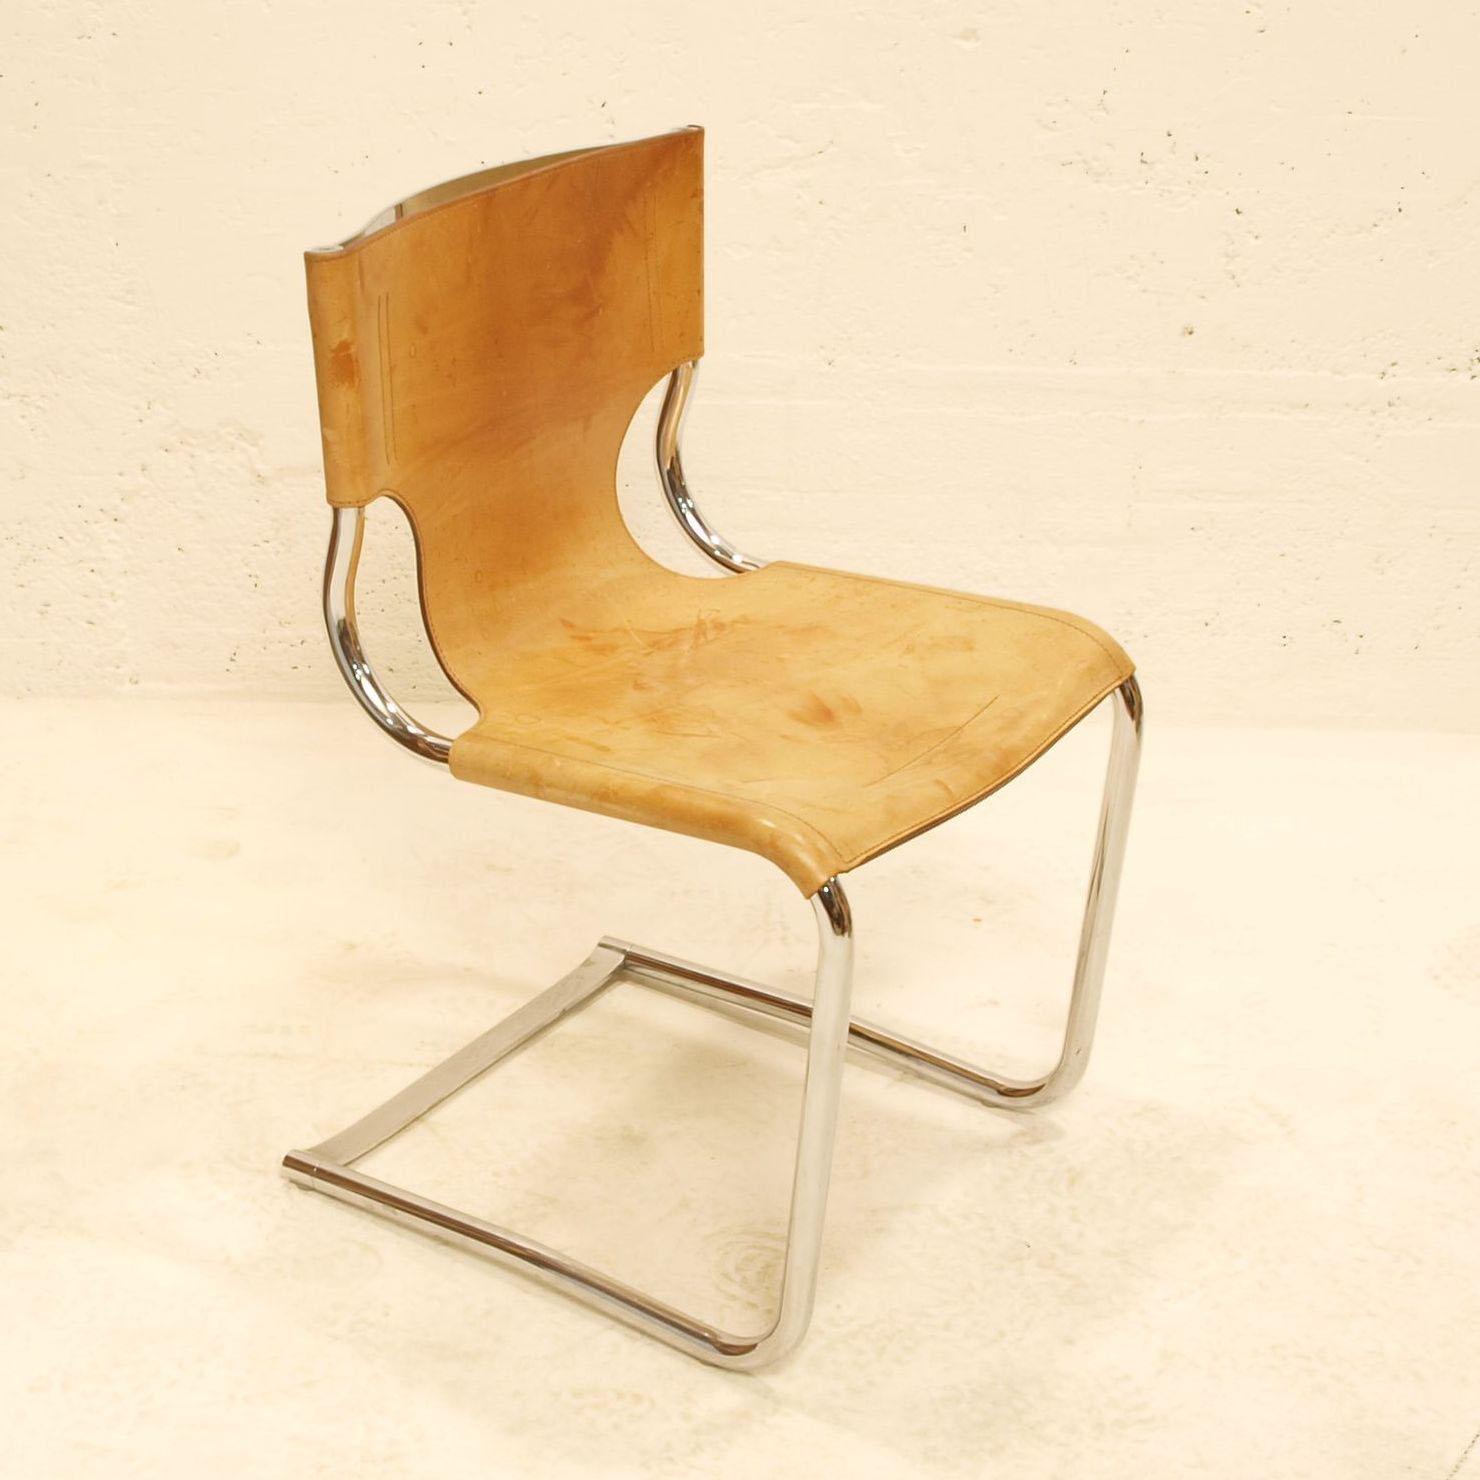 lederstuhl freischwinger m bel z rich vintagem bel. Black Bedroom Furniture Sets. Home Design Ideas